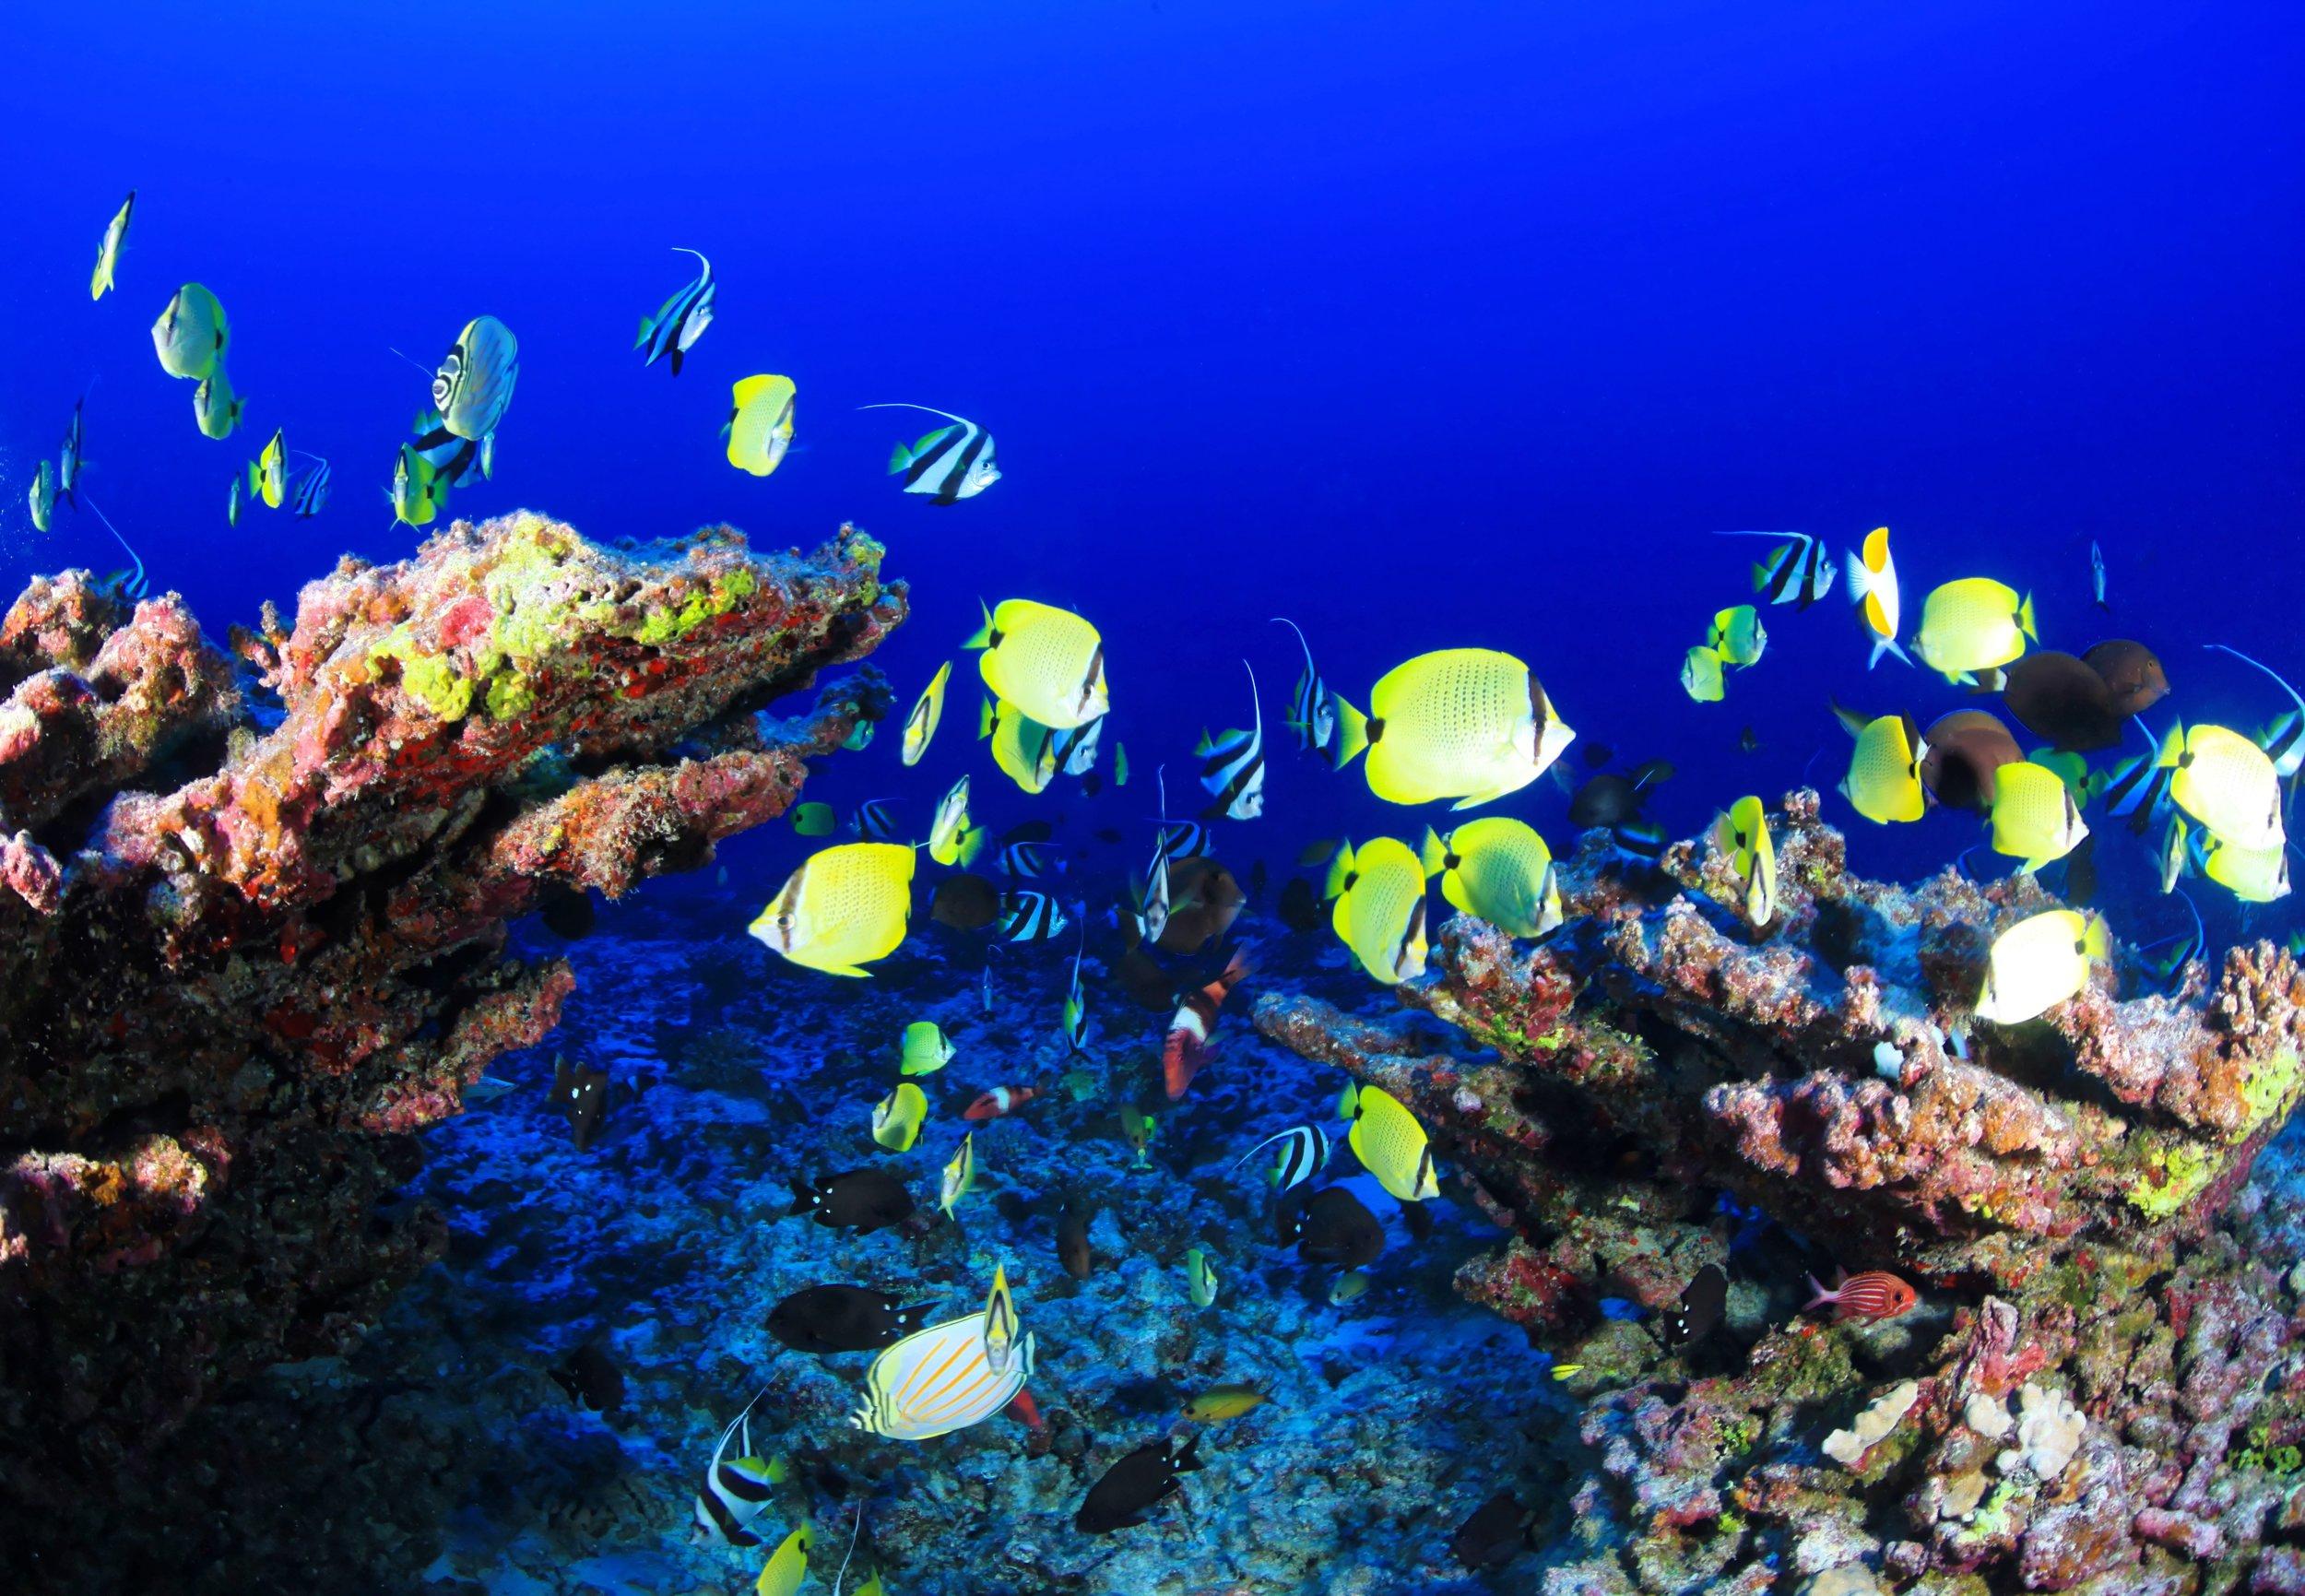 coral-reef-954057.jpg